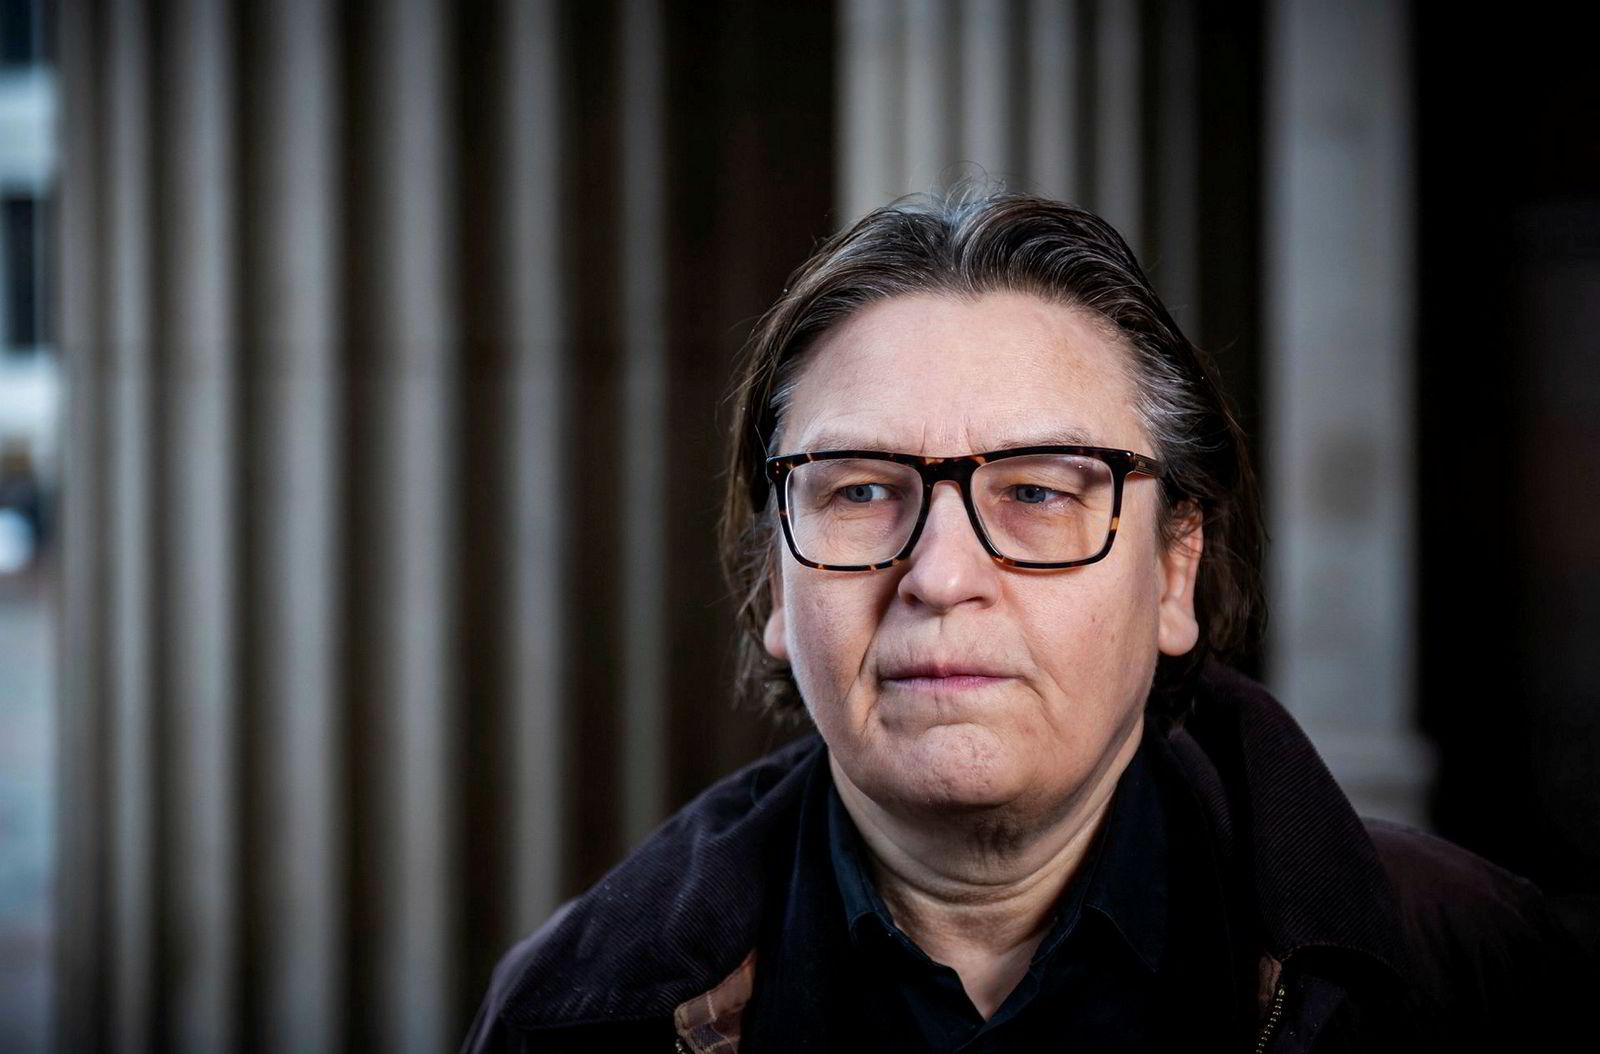 Dekan Ragnhild Hennum ved juridisk fakultet ved Universitetet i Oslo.